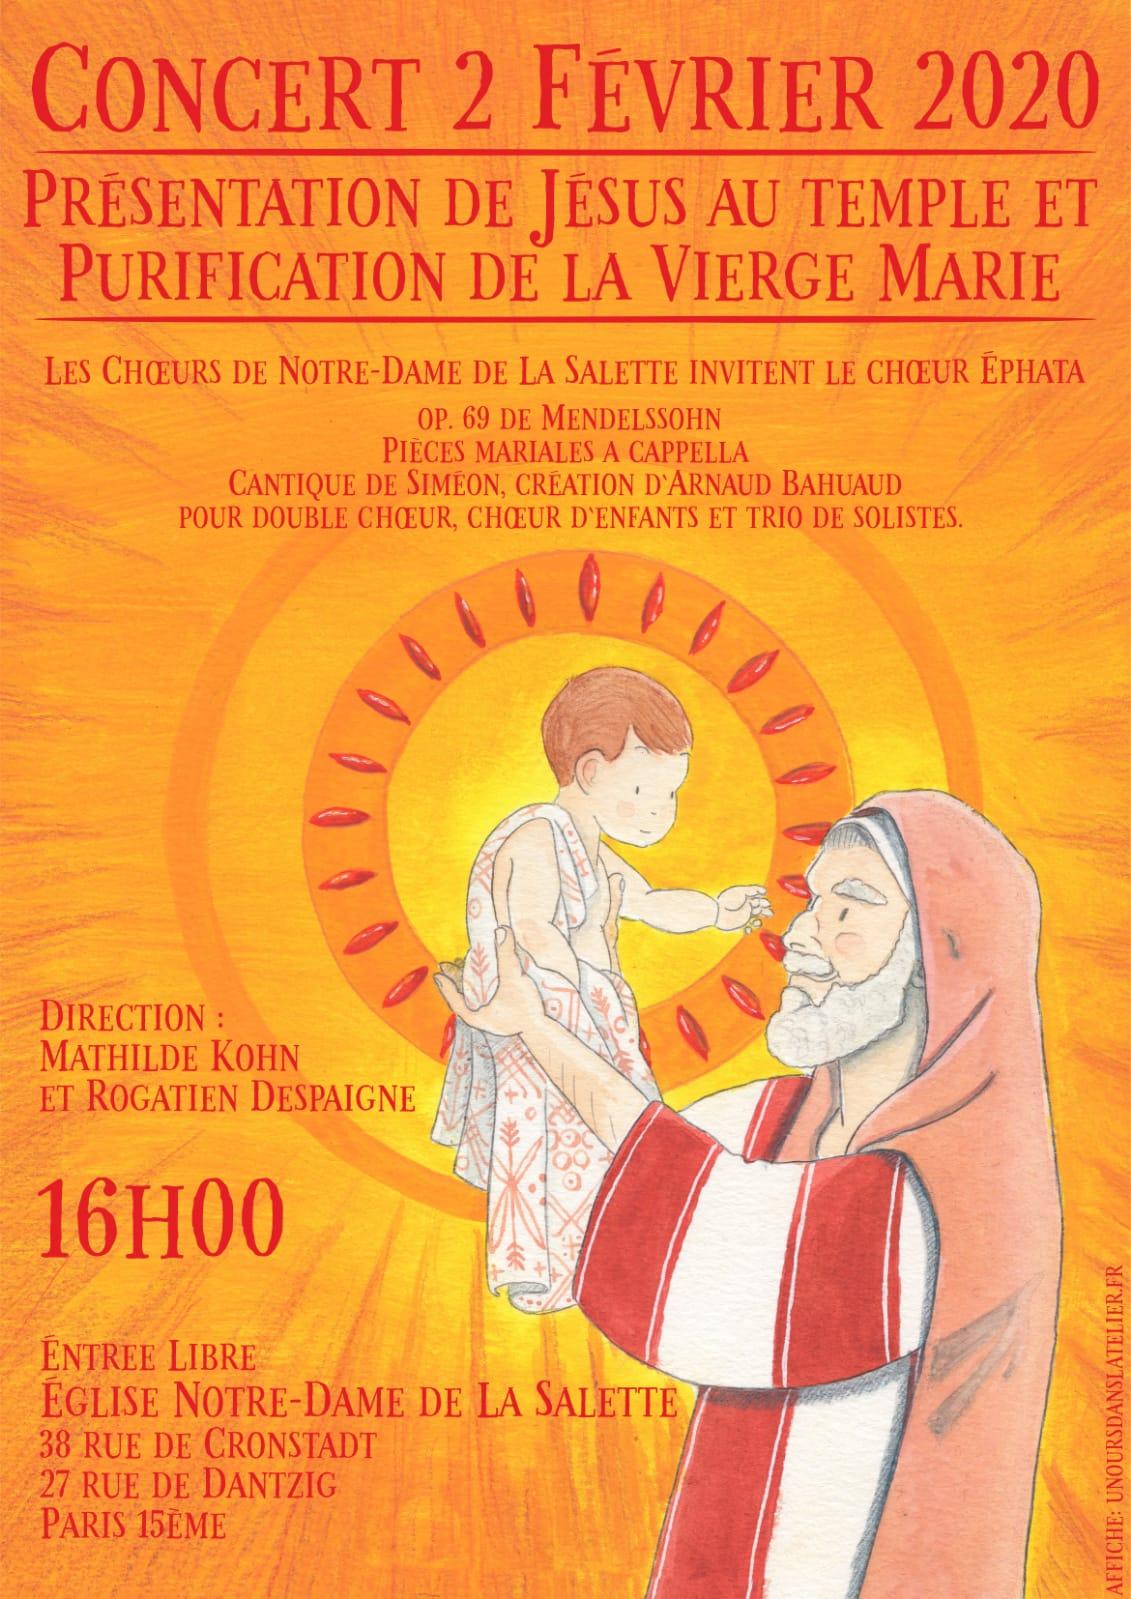 Présentation de Jésus au temple et Purification de la Vierge Marie